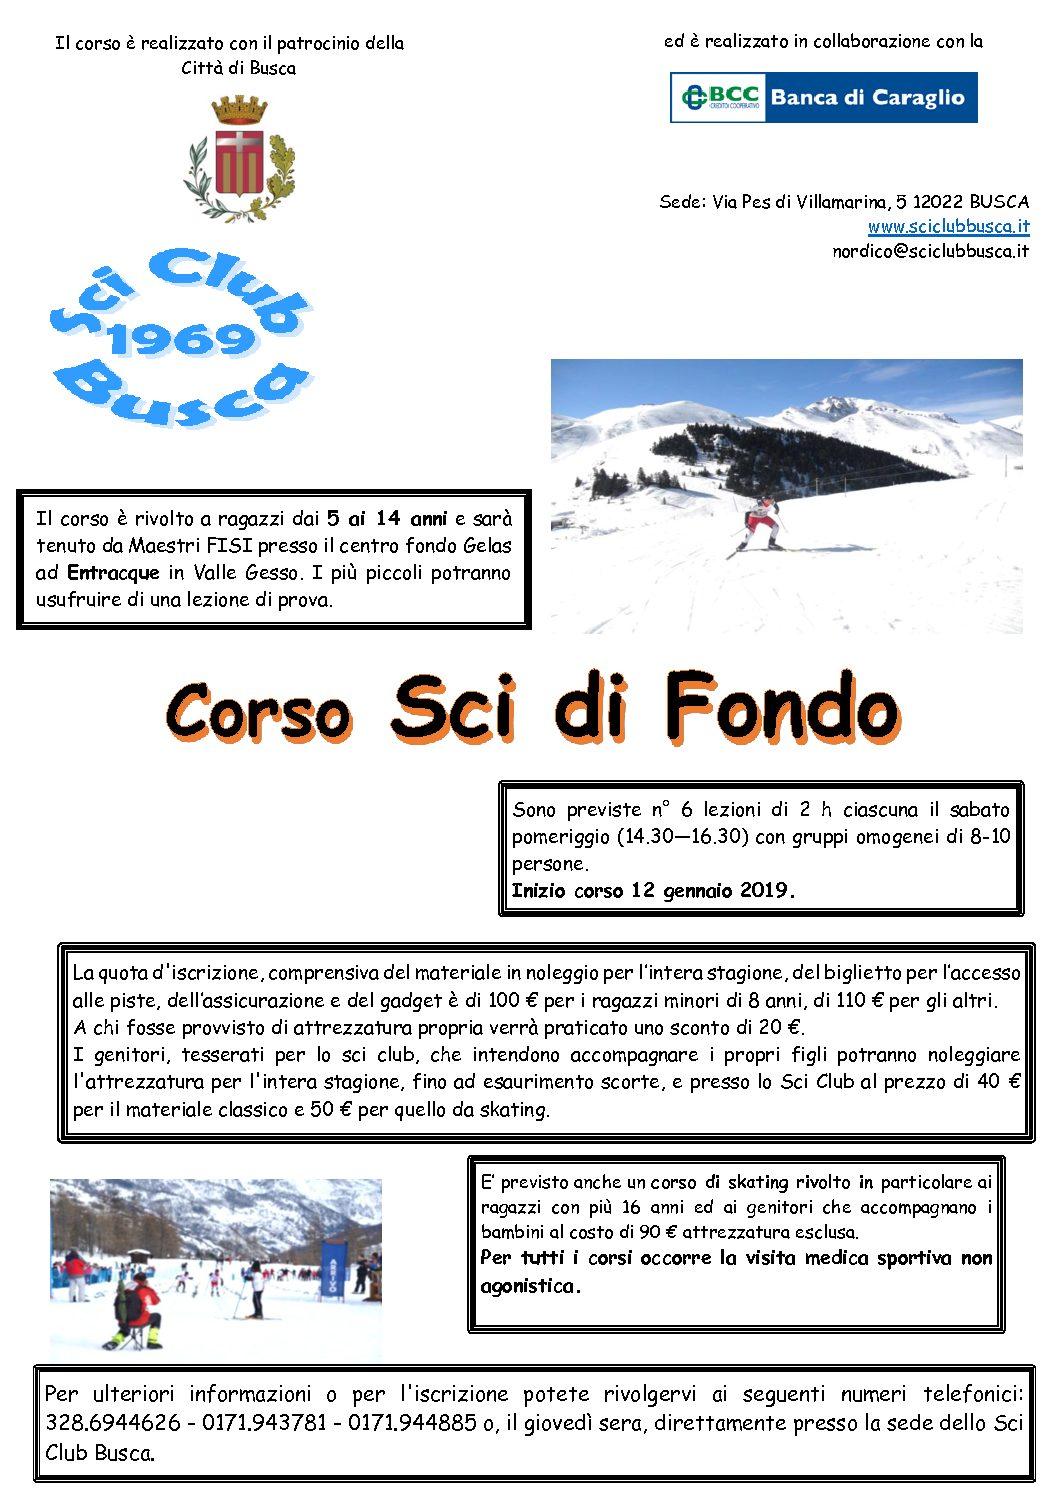 Corsi sci di fondo, sci alpino e snowboard